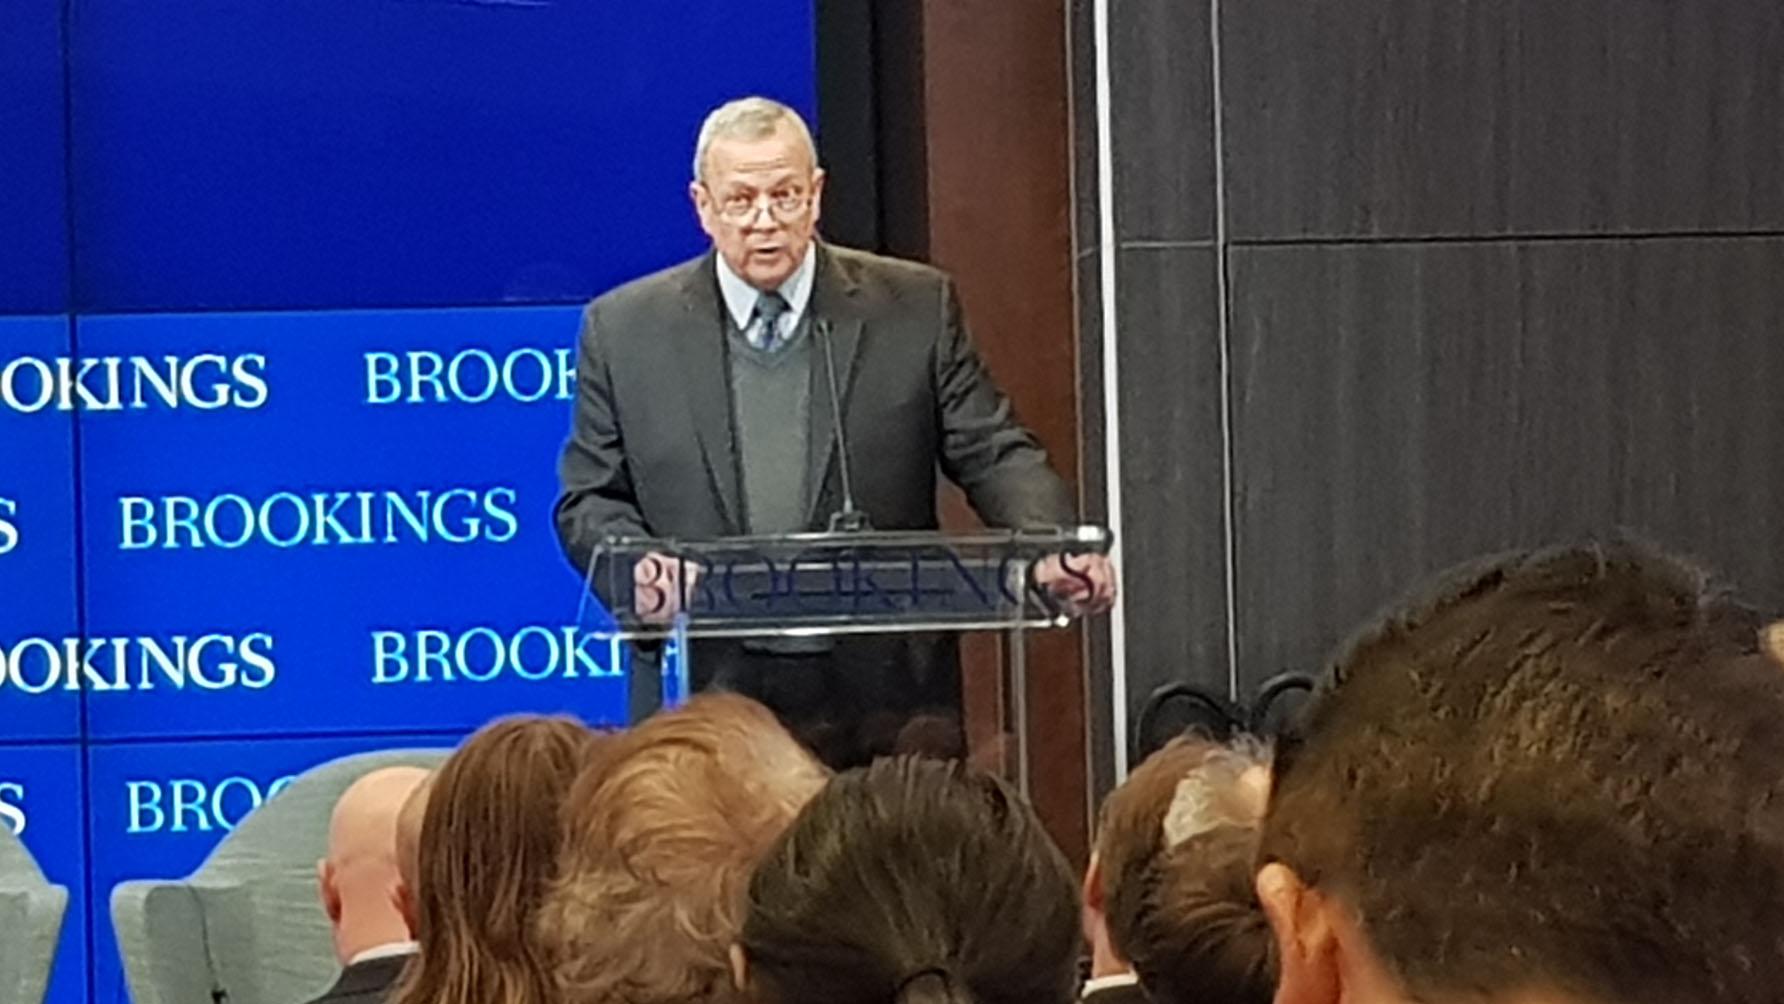 布鲁金斯学会主席约翰•艾伦回顾了媒体近年来曝光的新疆内幕。(记者家傲摄)